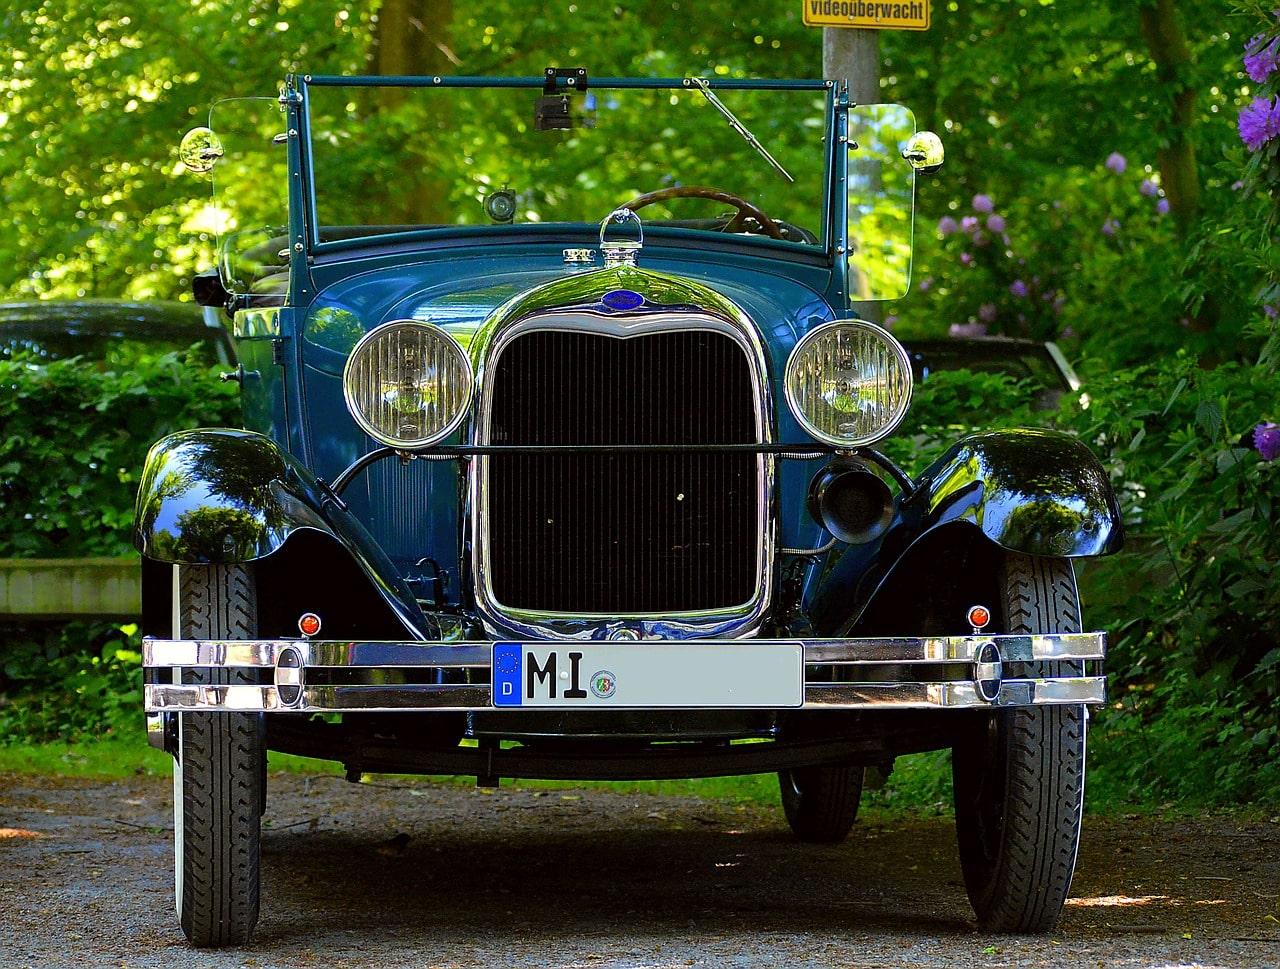 Autoinhaltsversicherung nun auch für Privatkunden